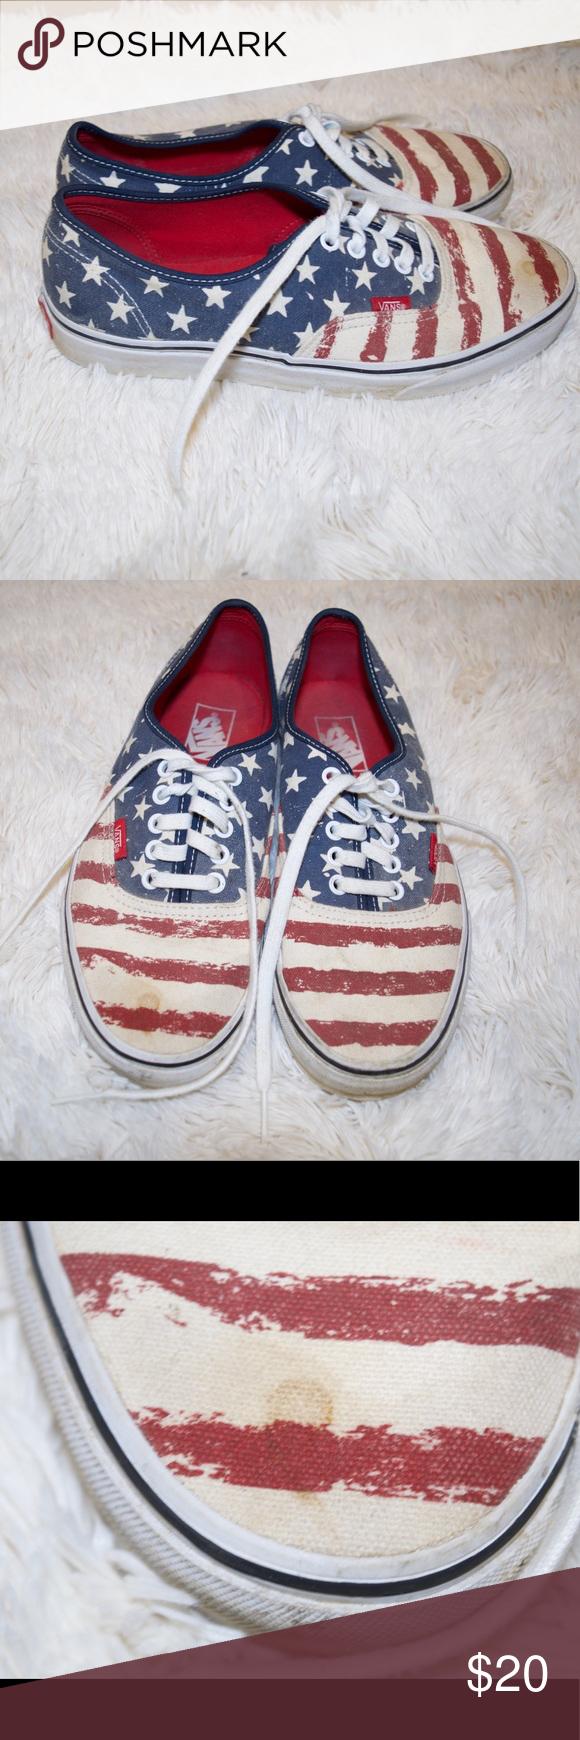 USA US flag American America vans size   Vans, American flag vans ...